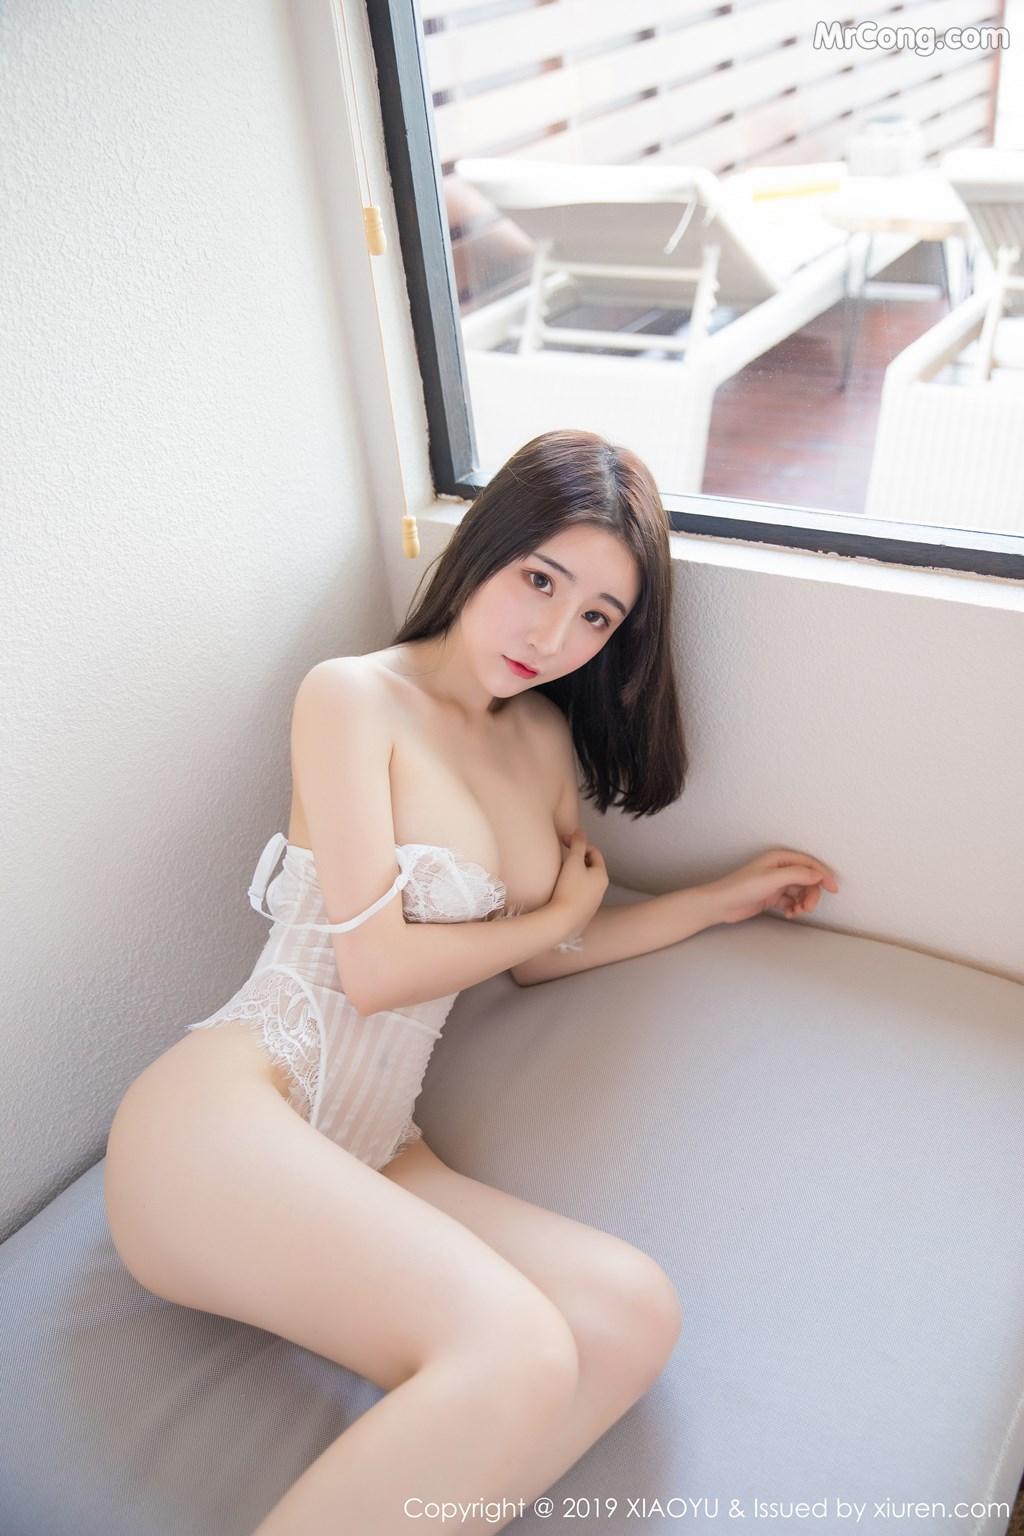 Image XiaoYu-Vol.147-Cherry-MrCong.com-018 in post XiaoYu Vol.147: 绯月樱-Cherry (66 ảnh)